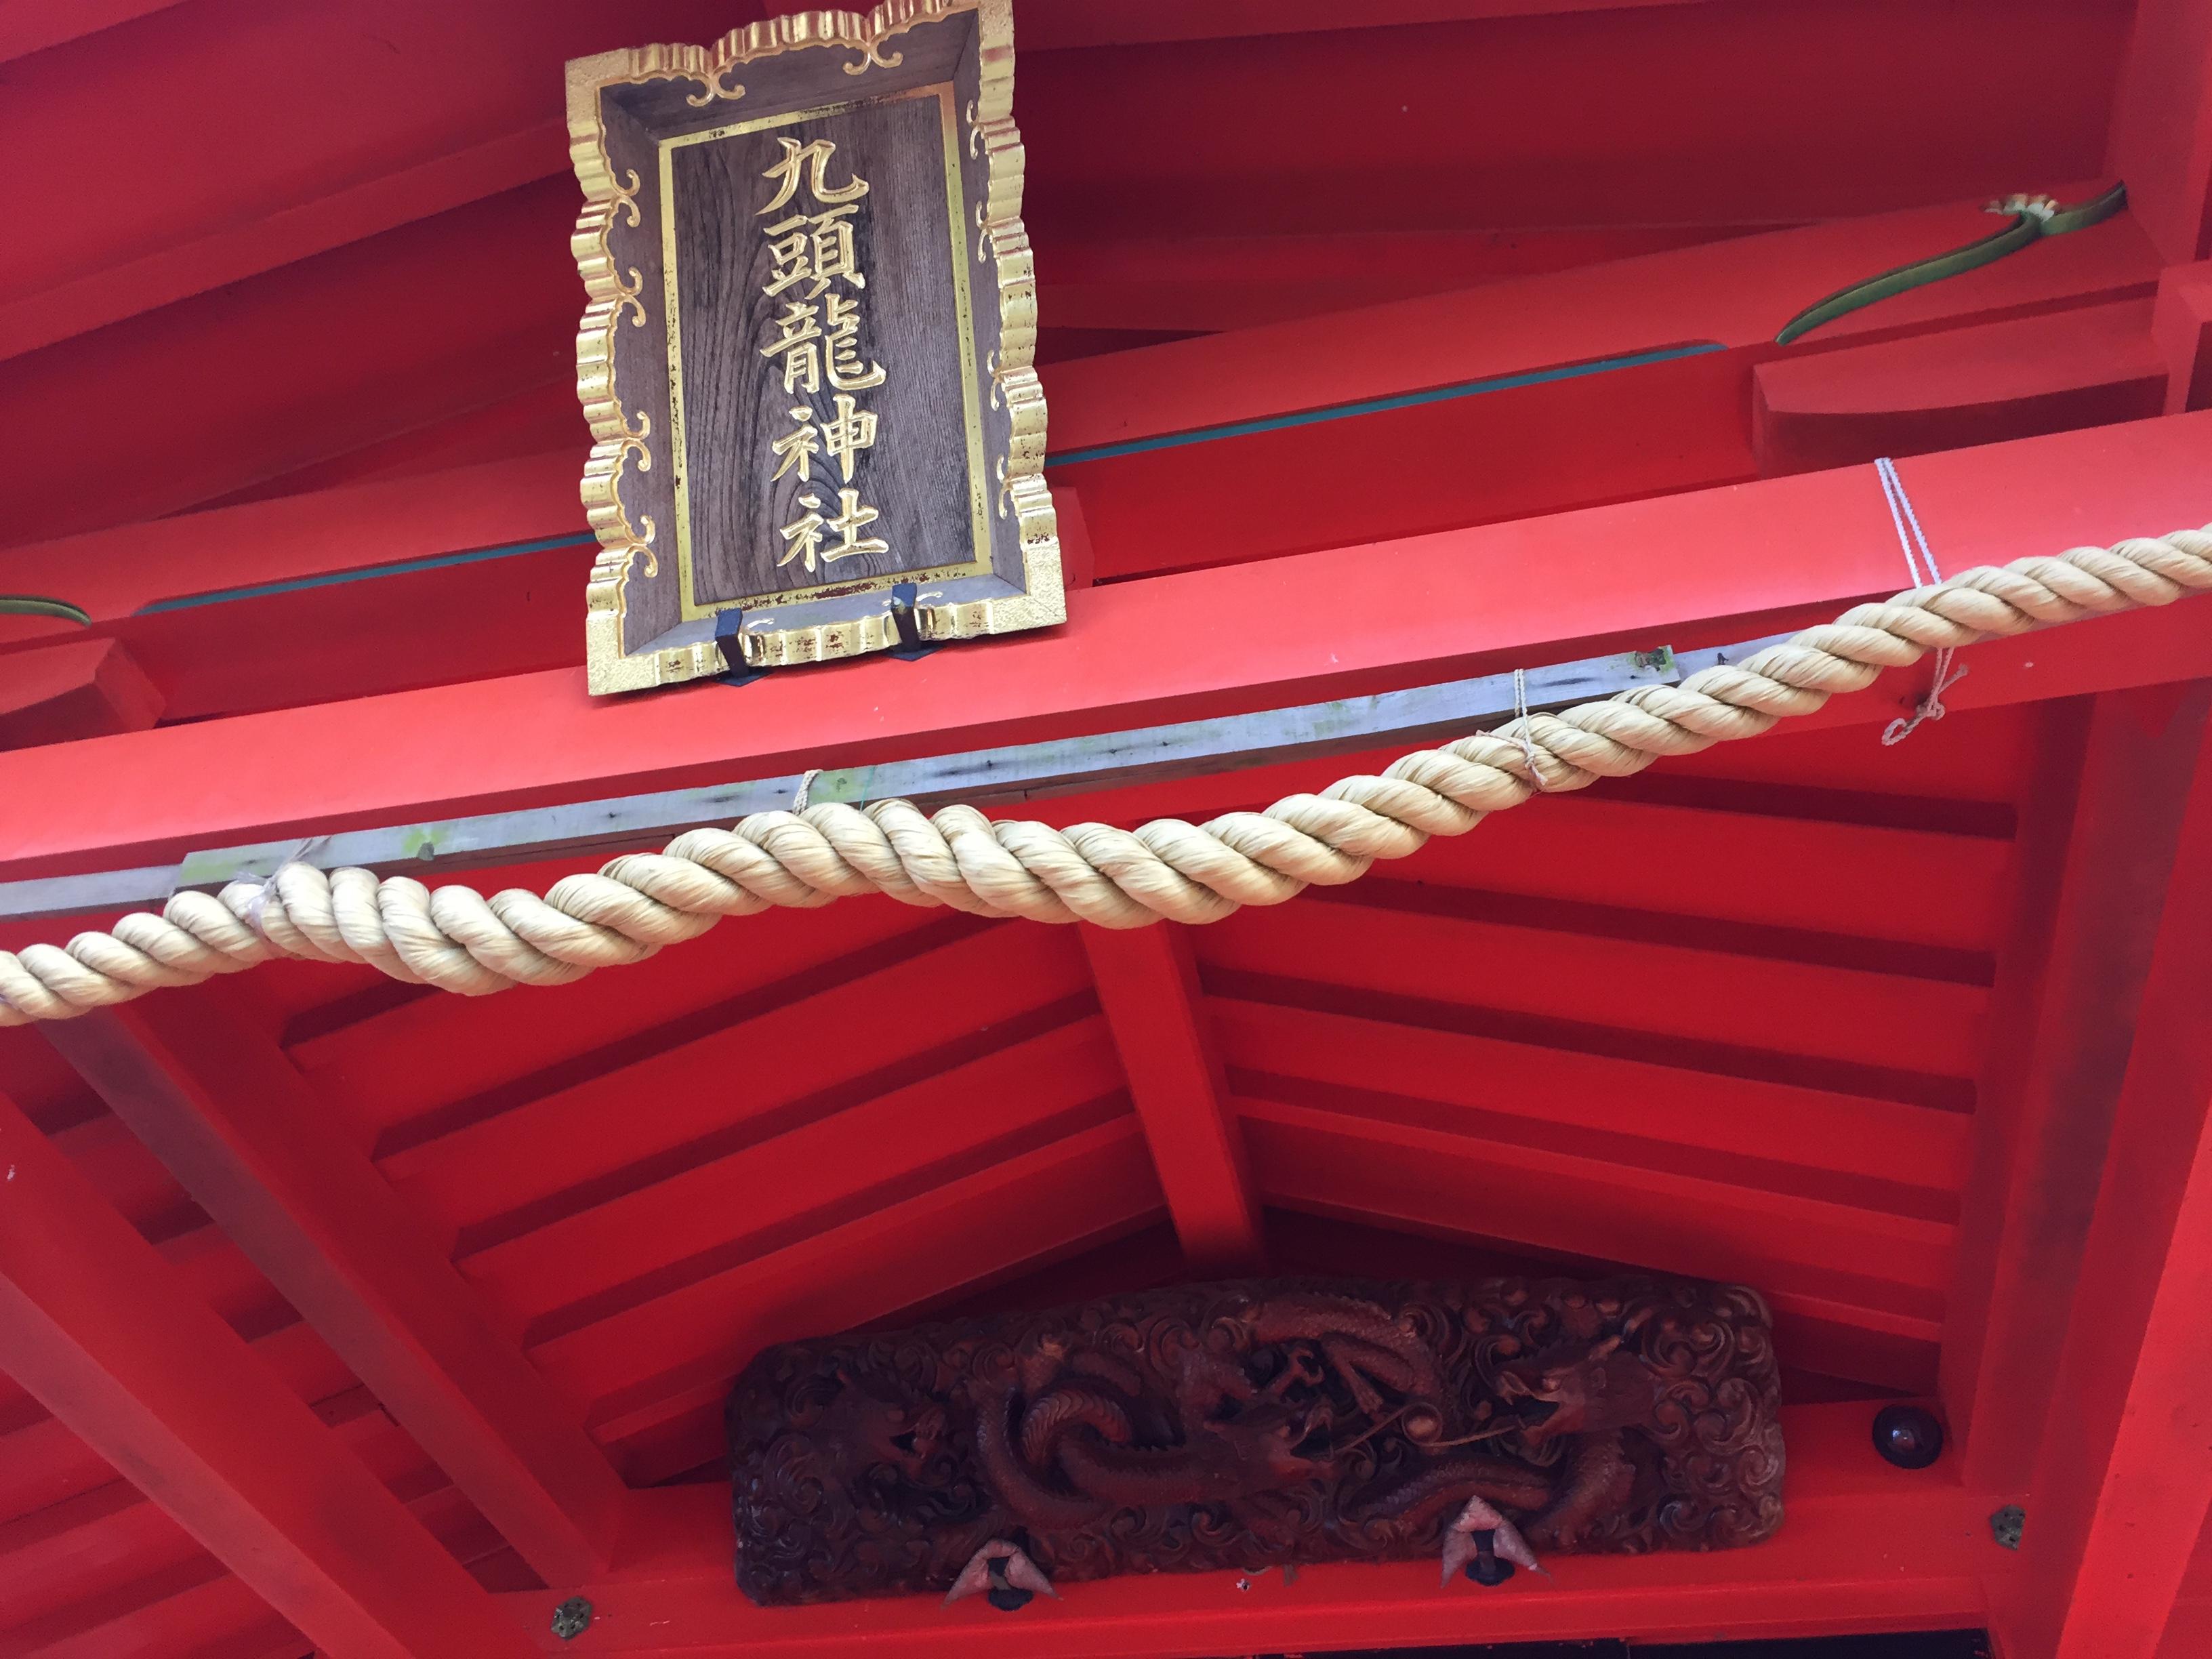 【九頭龍神社本宮】 箱根三社で一番交通アクセスが不便。良いところなので、ぜひお参りを!